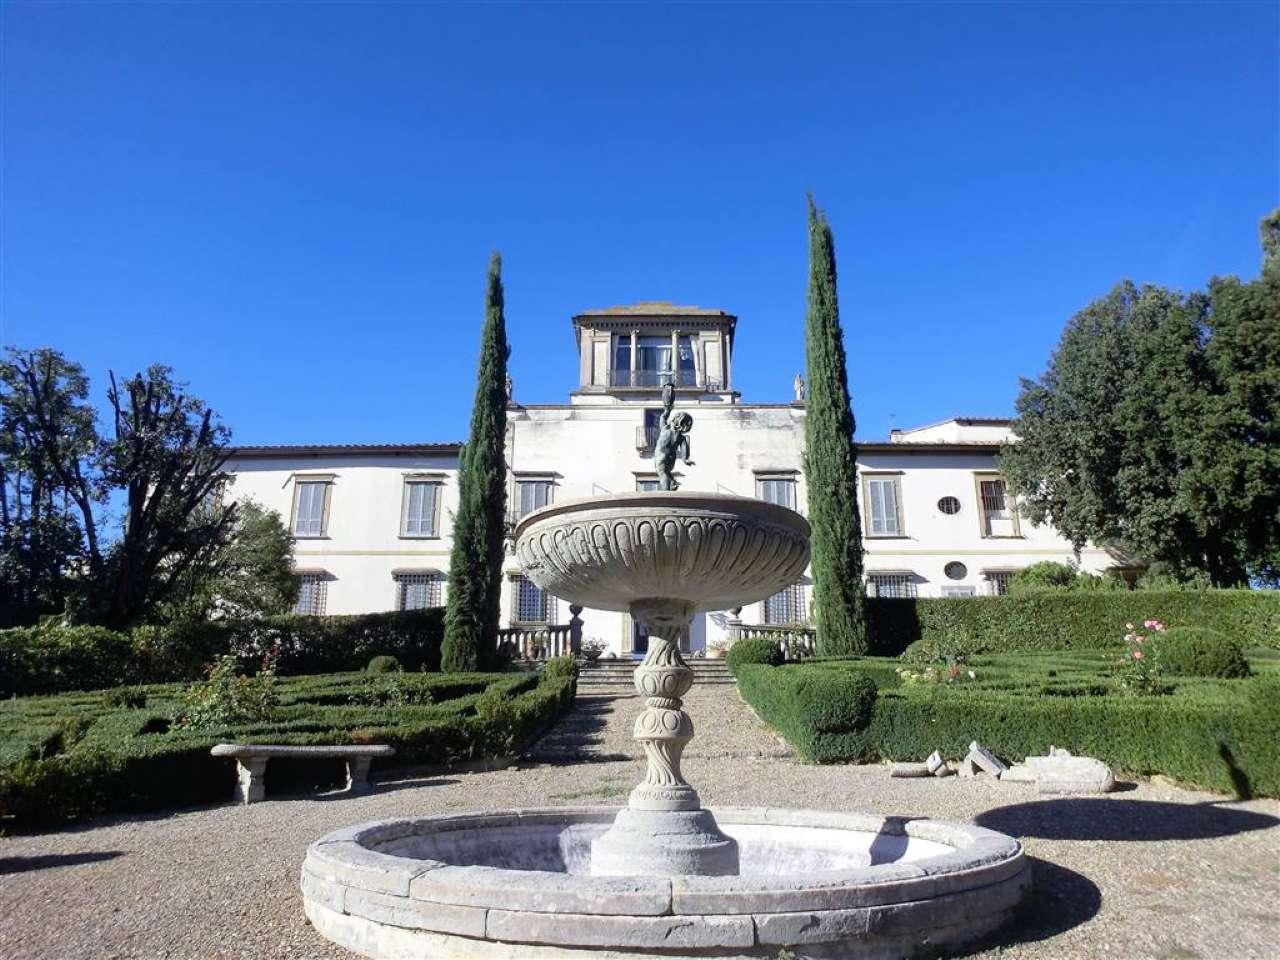 Appartamento in vendita a Bagno a Ripoli, 9 locali, prezzo € 850.000 | CambioCasa.it